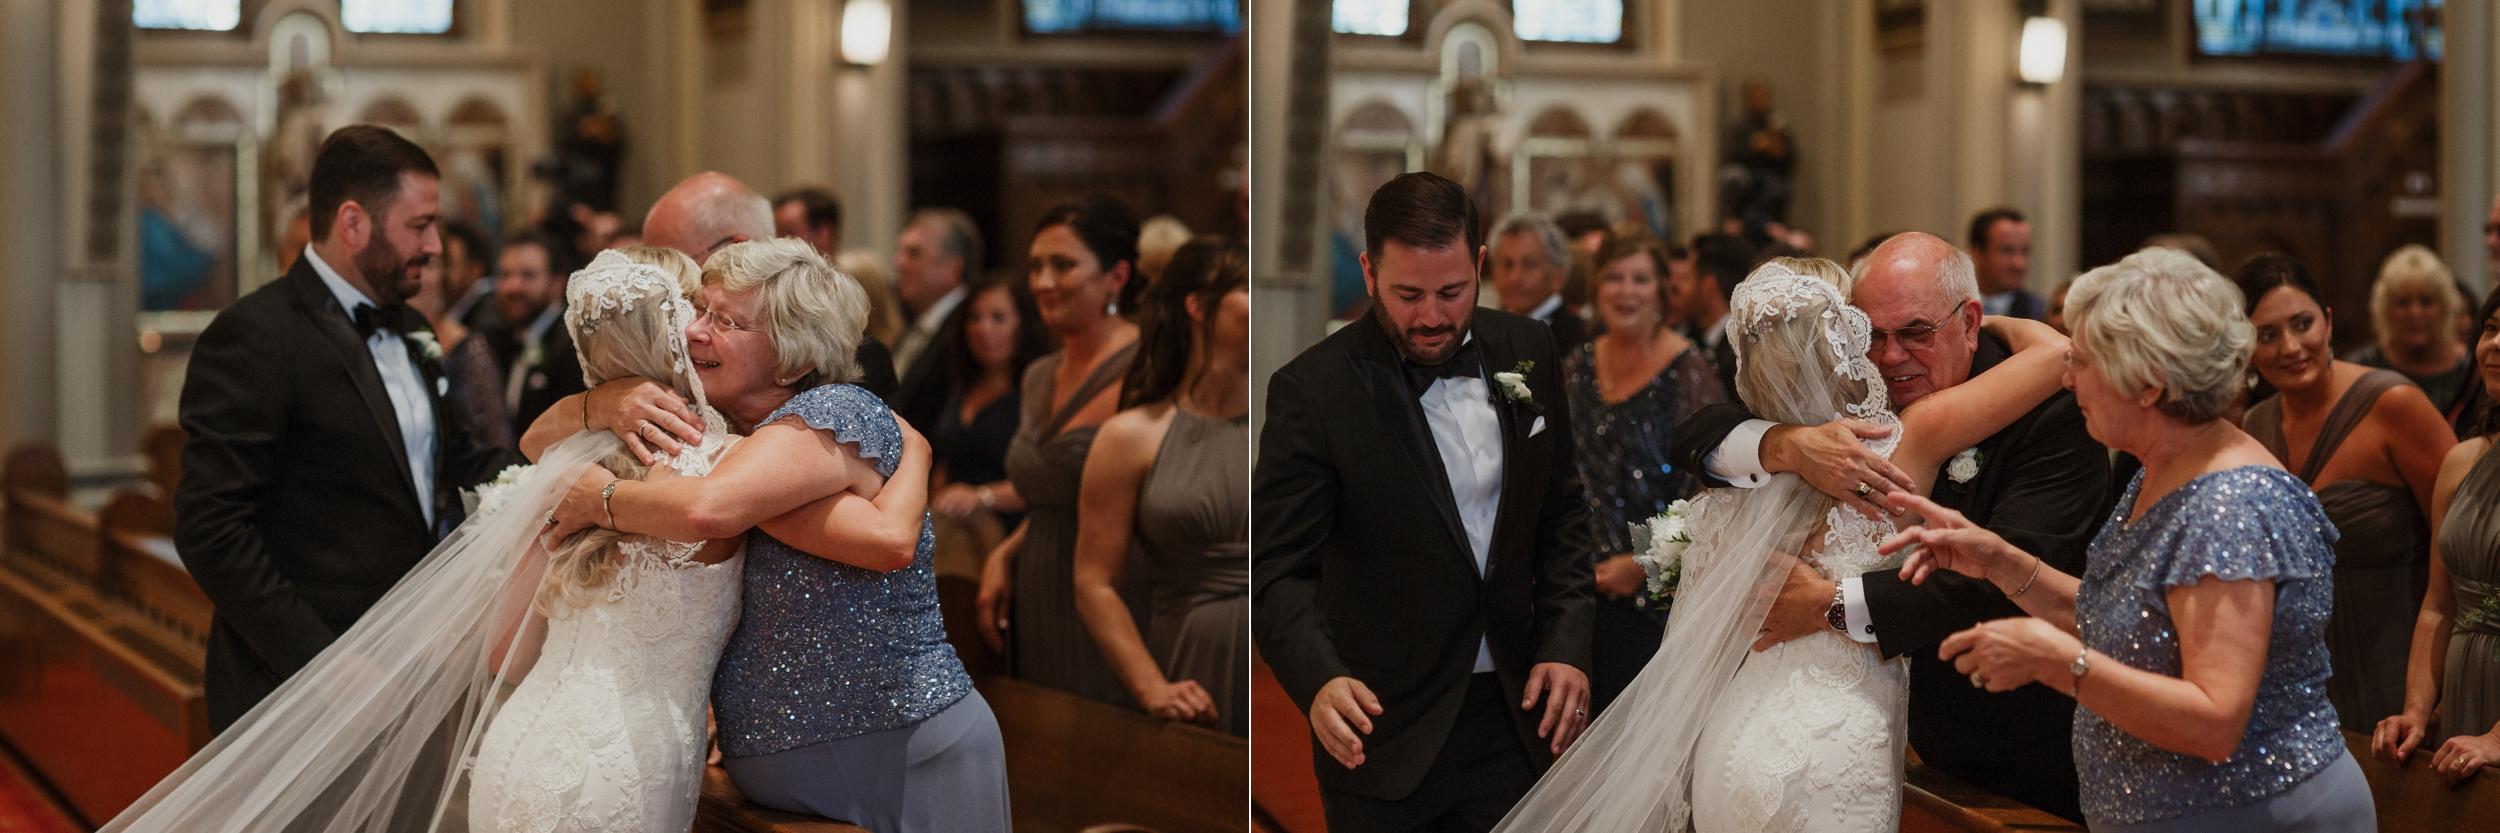 23-traditional-san-francisco-presidio-golden-gate-club-wedding-vivianchen-321_WEB.jpg